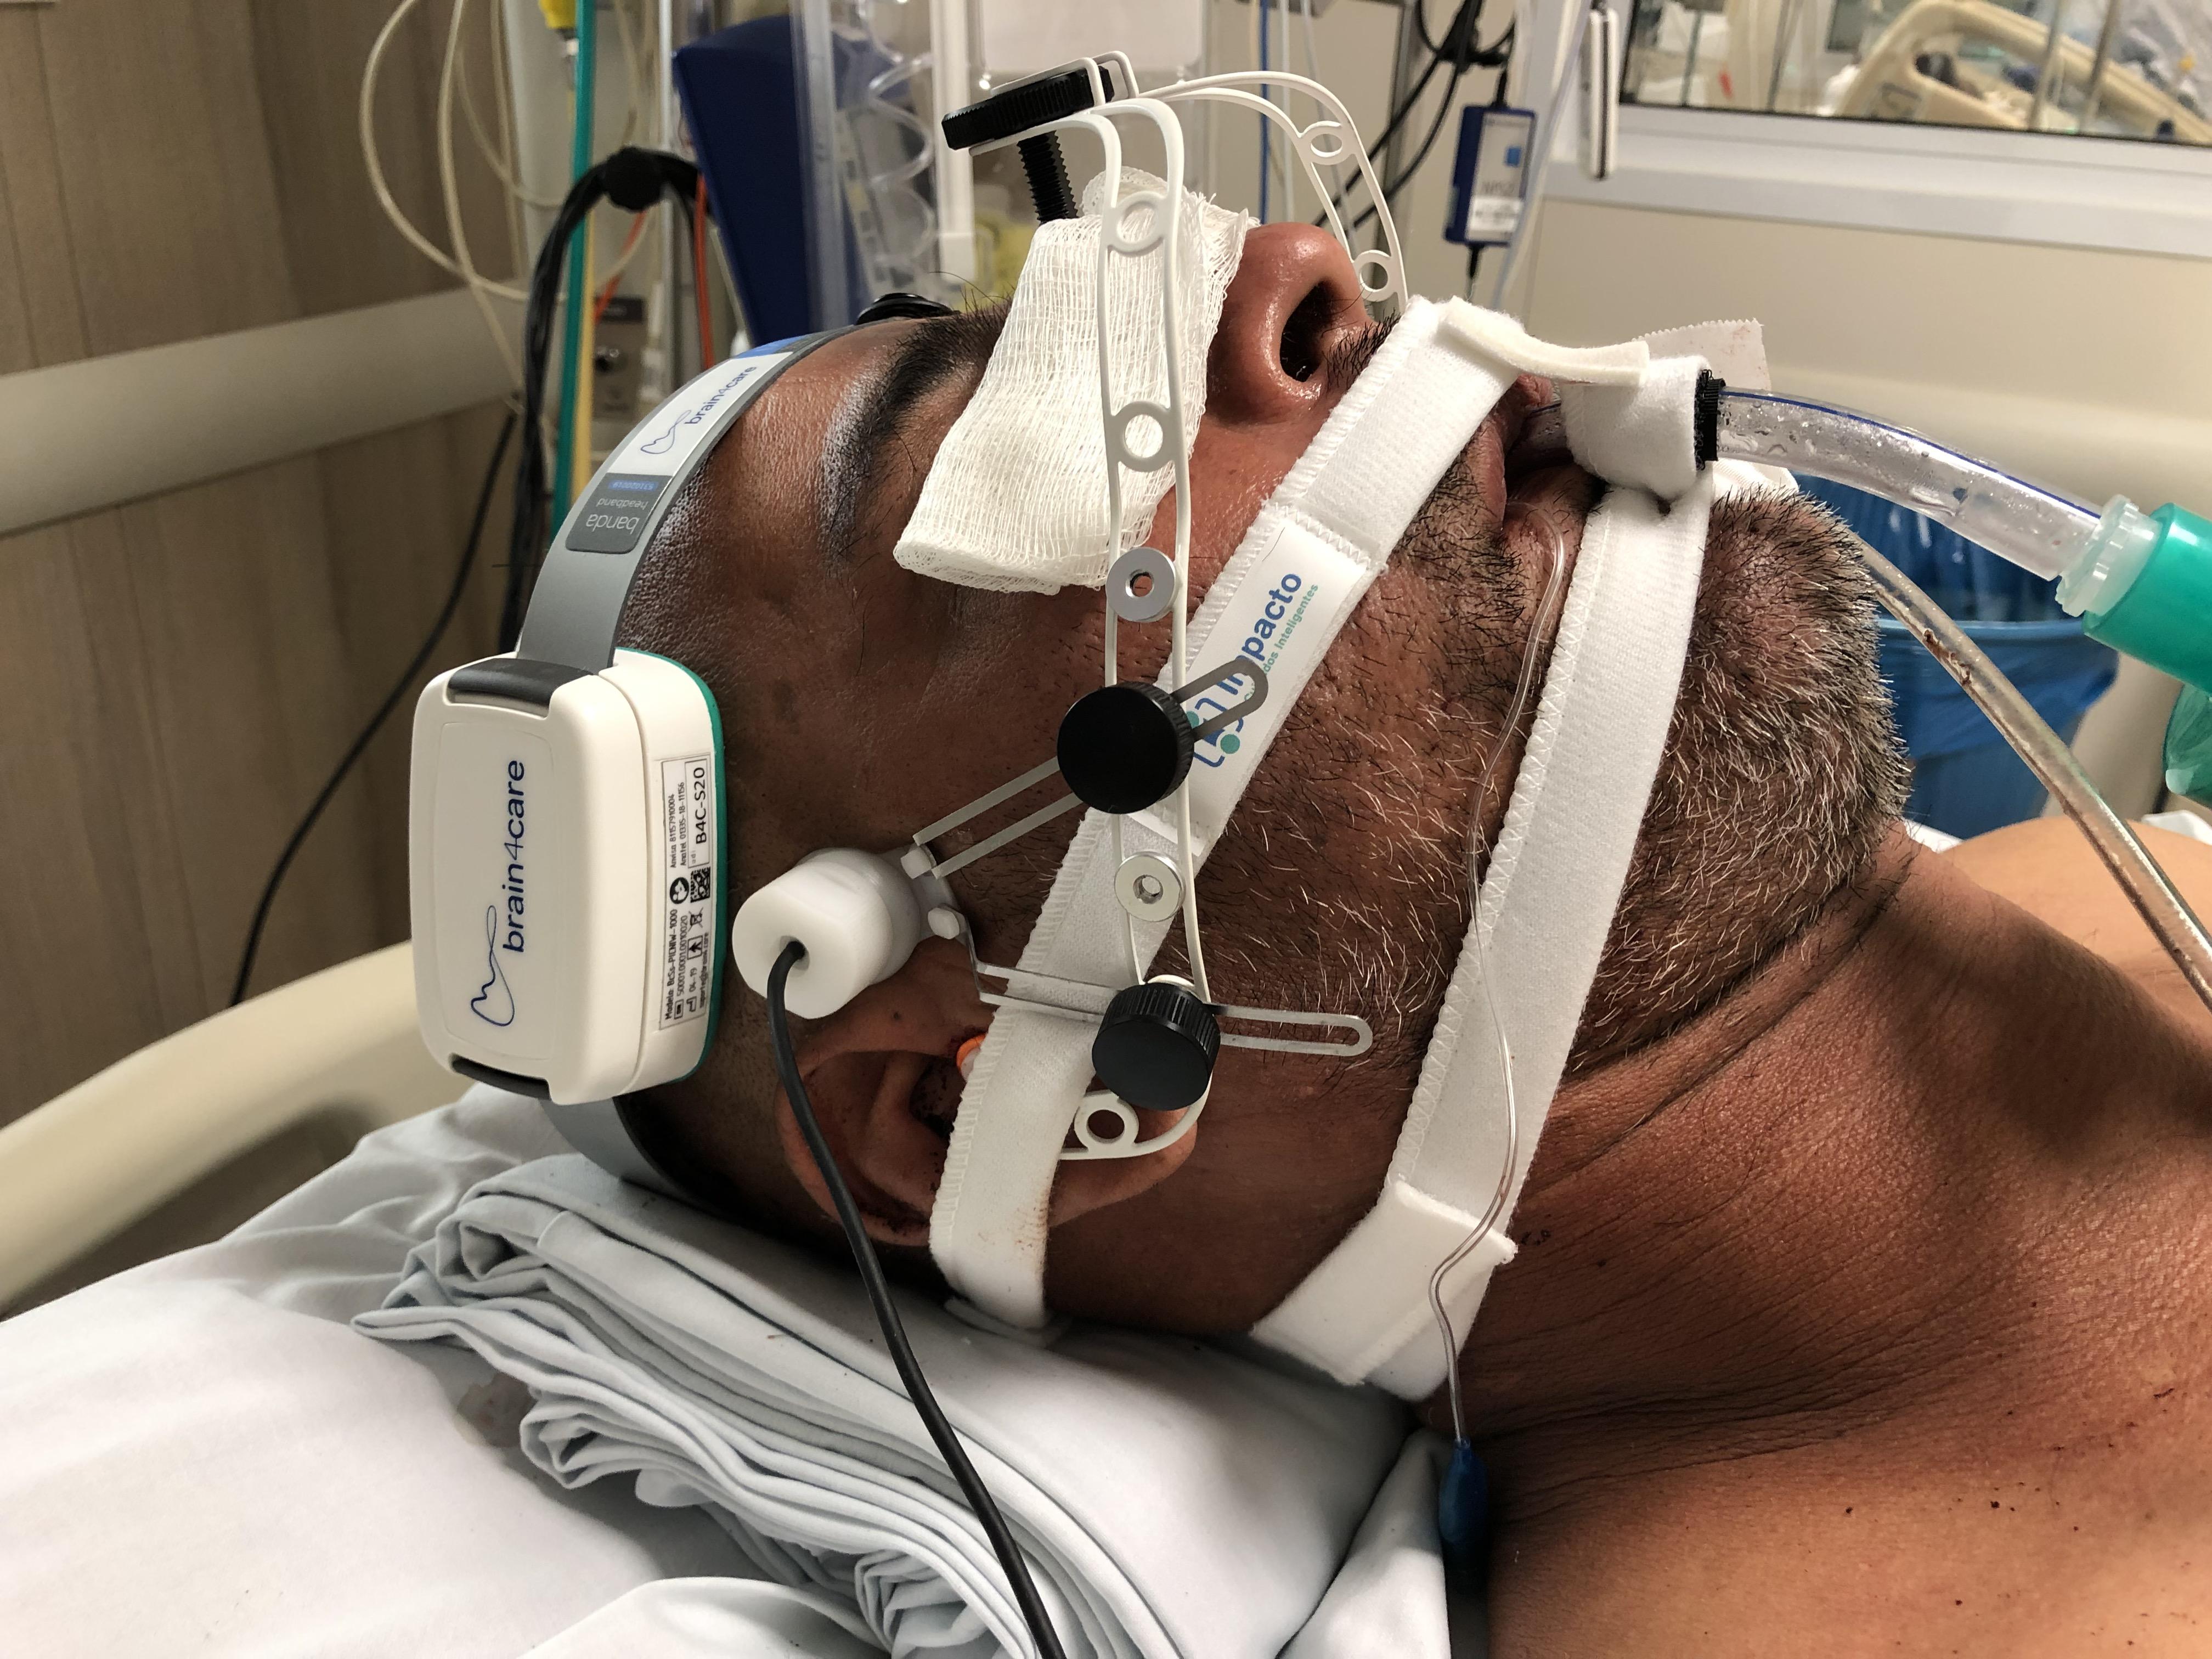 Tecnologia permite monitorar em tempo real as alterações cerebrais em pacientes graves com Covid-19